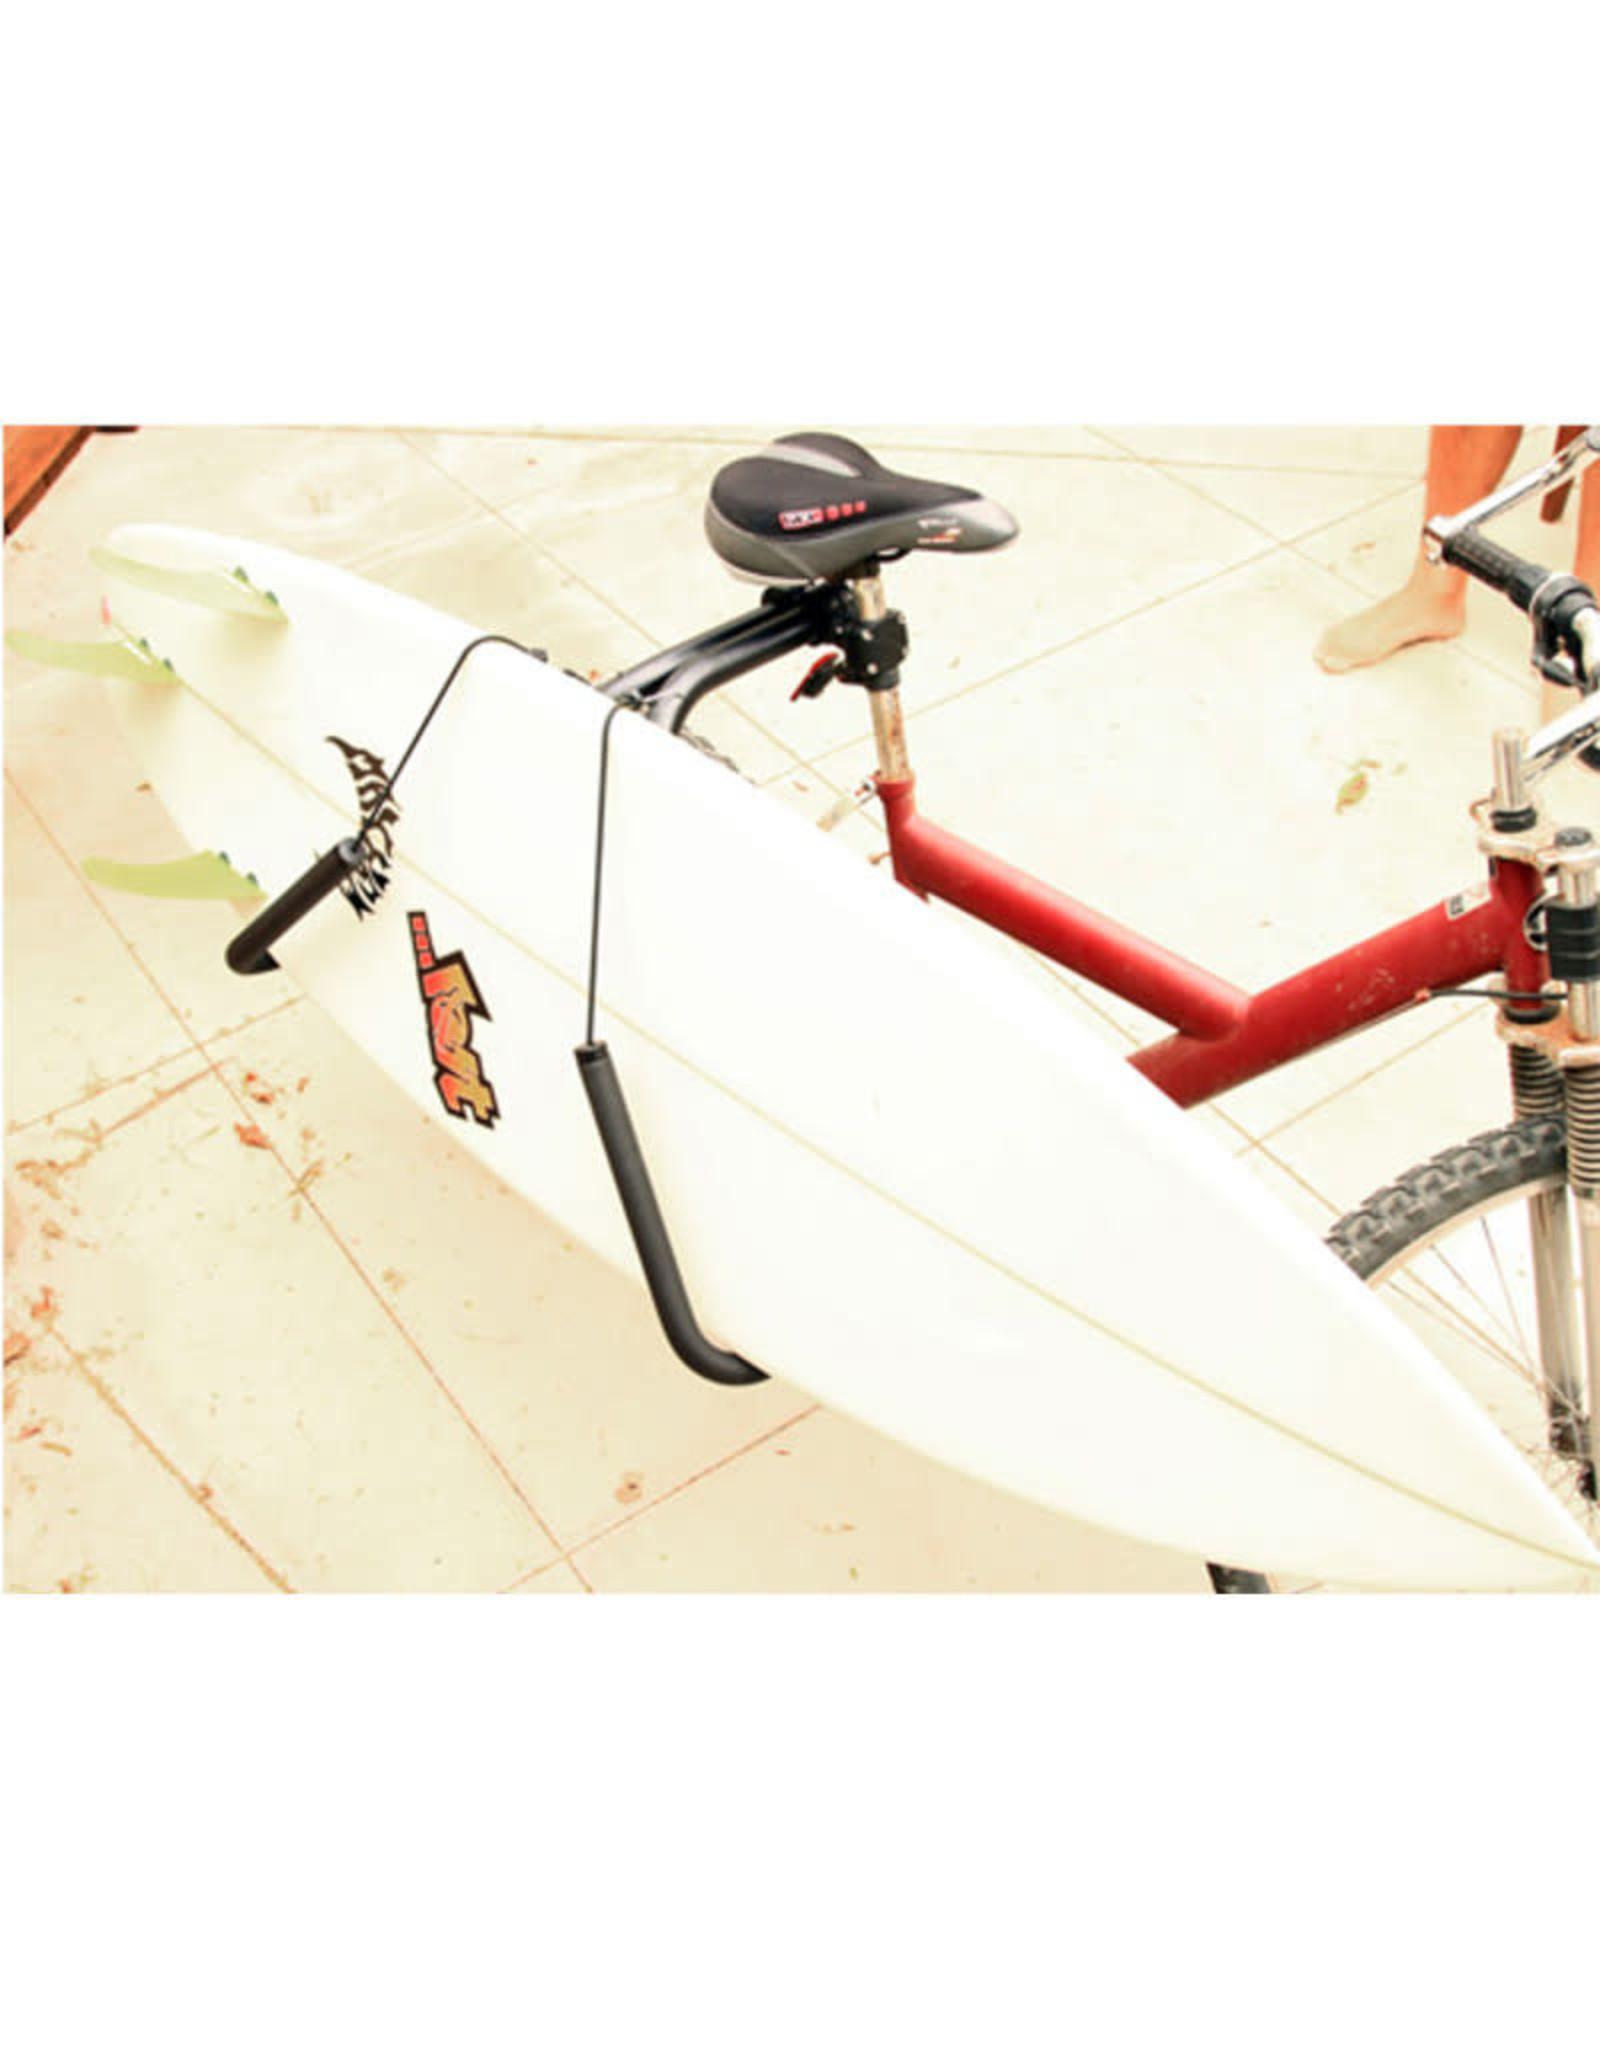 Surflogic Surflogic Surfboard Bike Rack